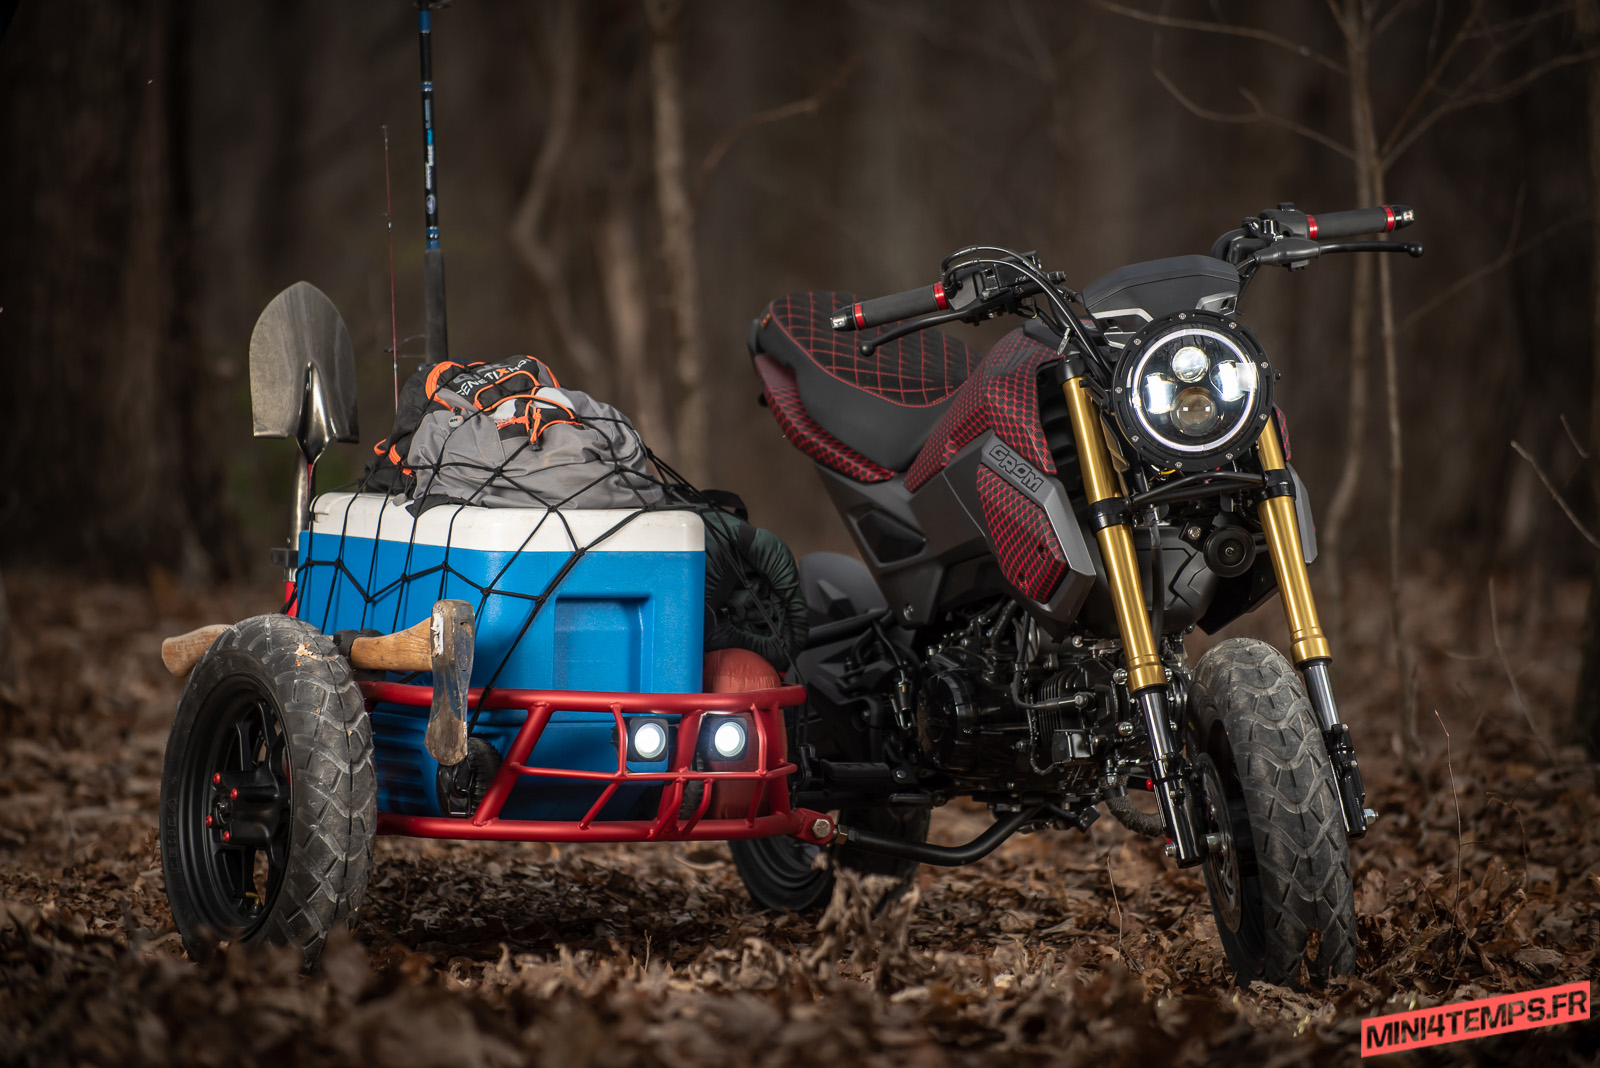 Le projet GUS Kit Side Car pour Honda MSX 125 d'Industrial Moto - mini4temps.fr